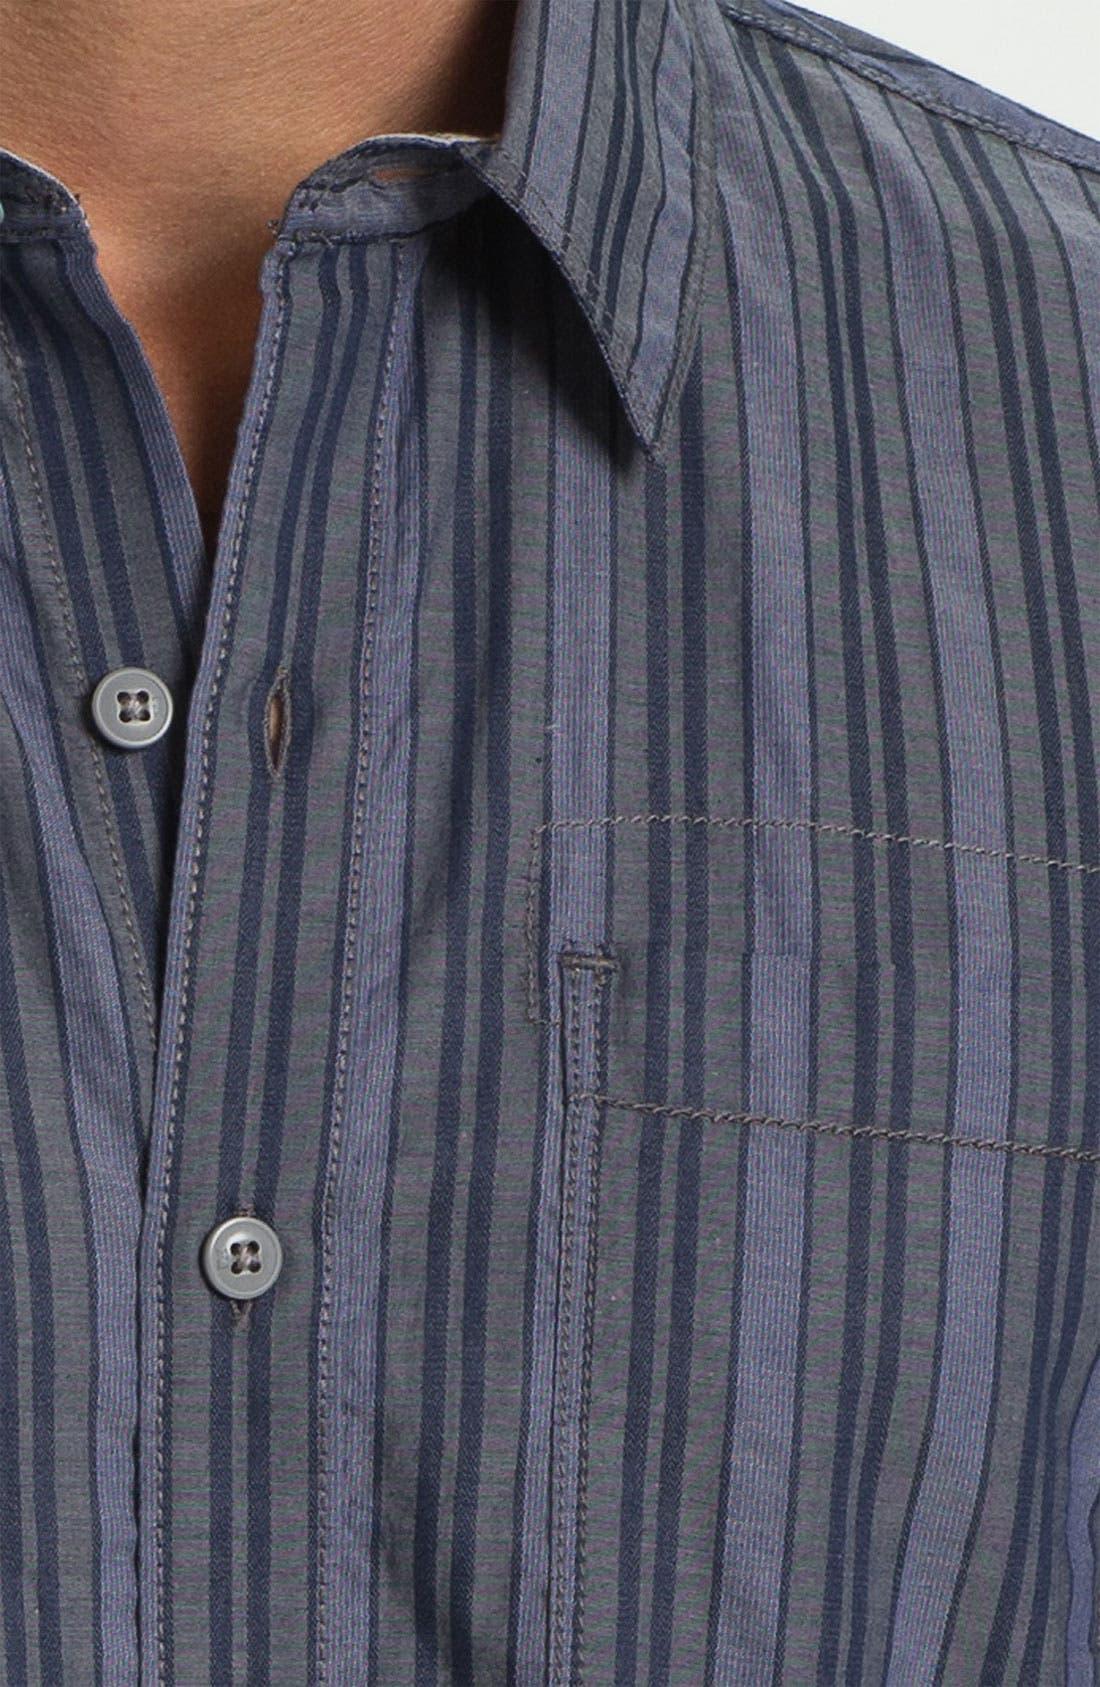 Alternate Image 3  - Cutter & Buck 'Meyer Stripe' Regular Fit Sport Shirt (Big & Tall)